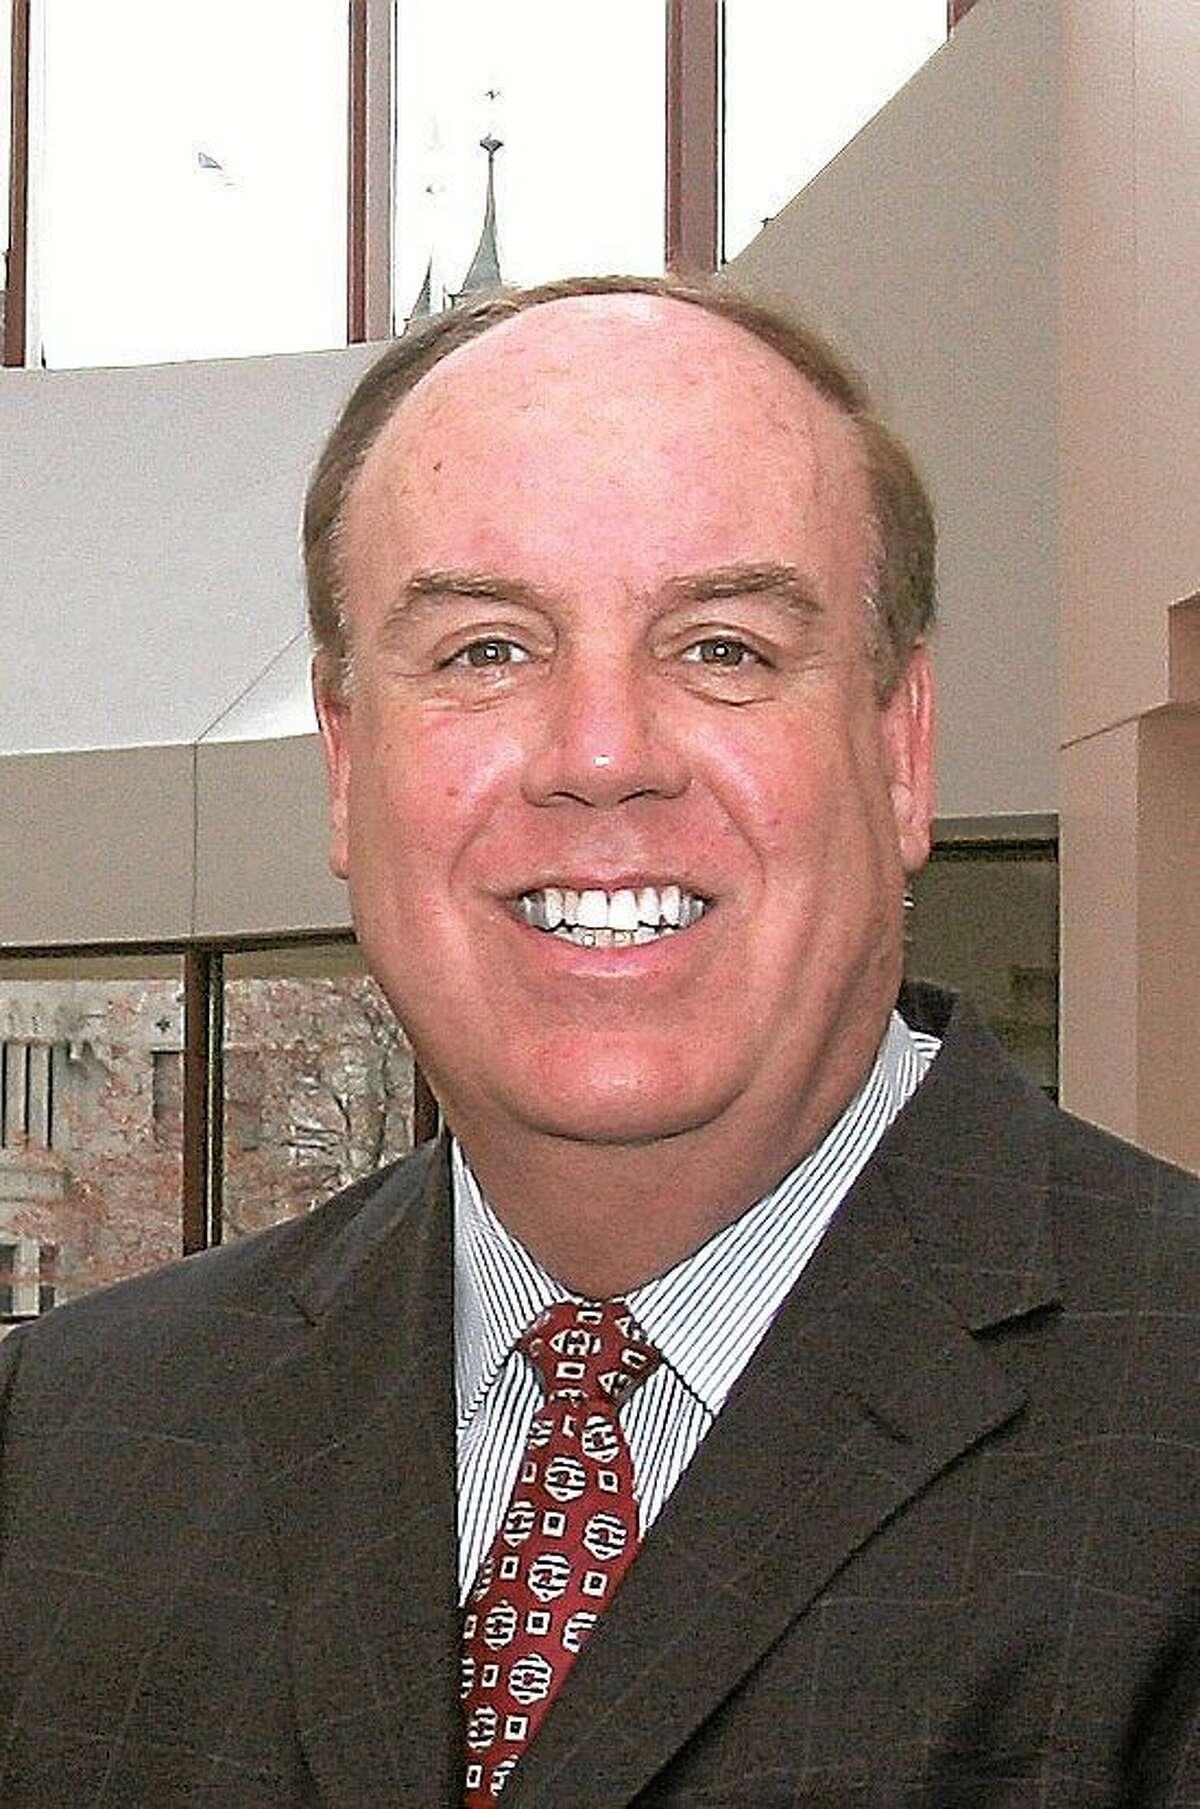 State Rep. Stephen Dargan